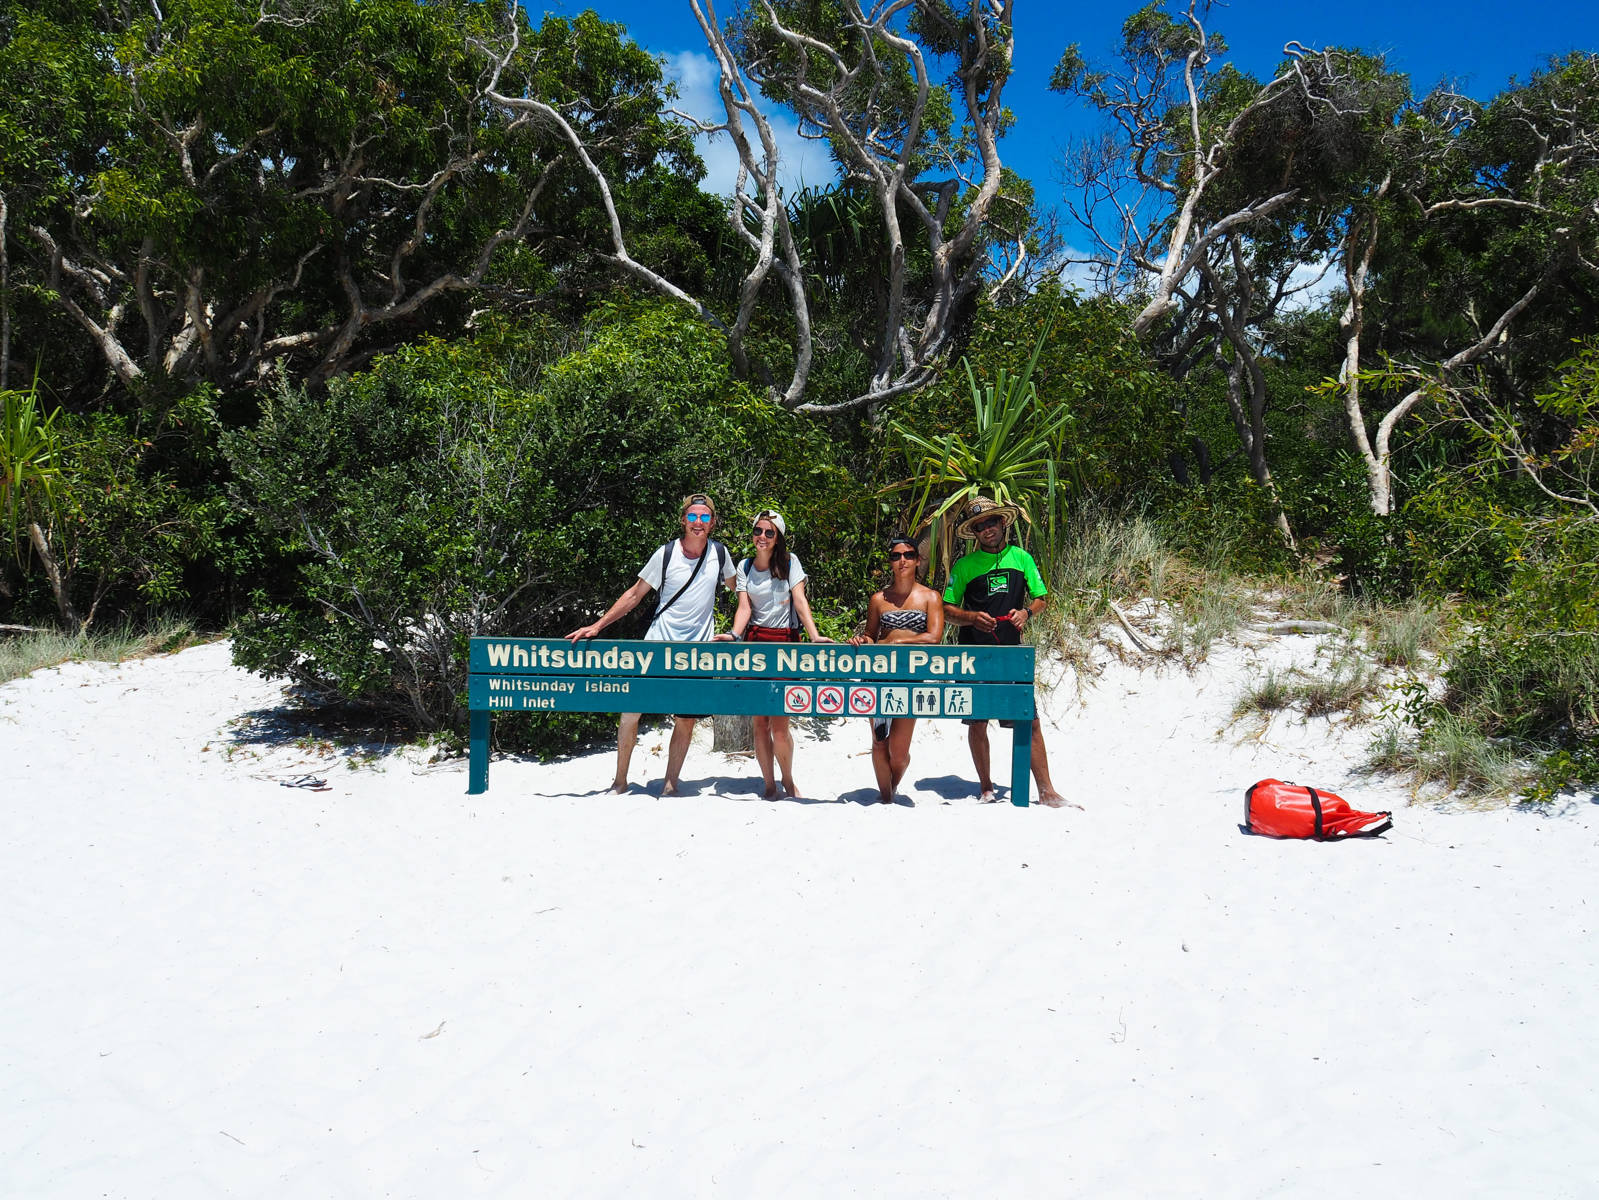 Whitsunday Islands National Park